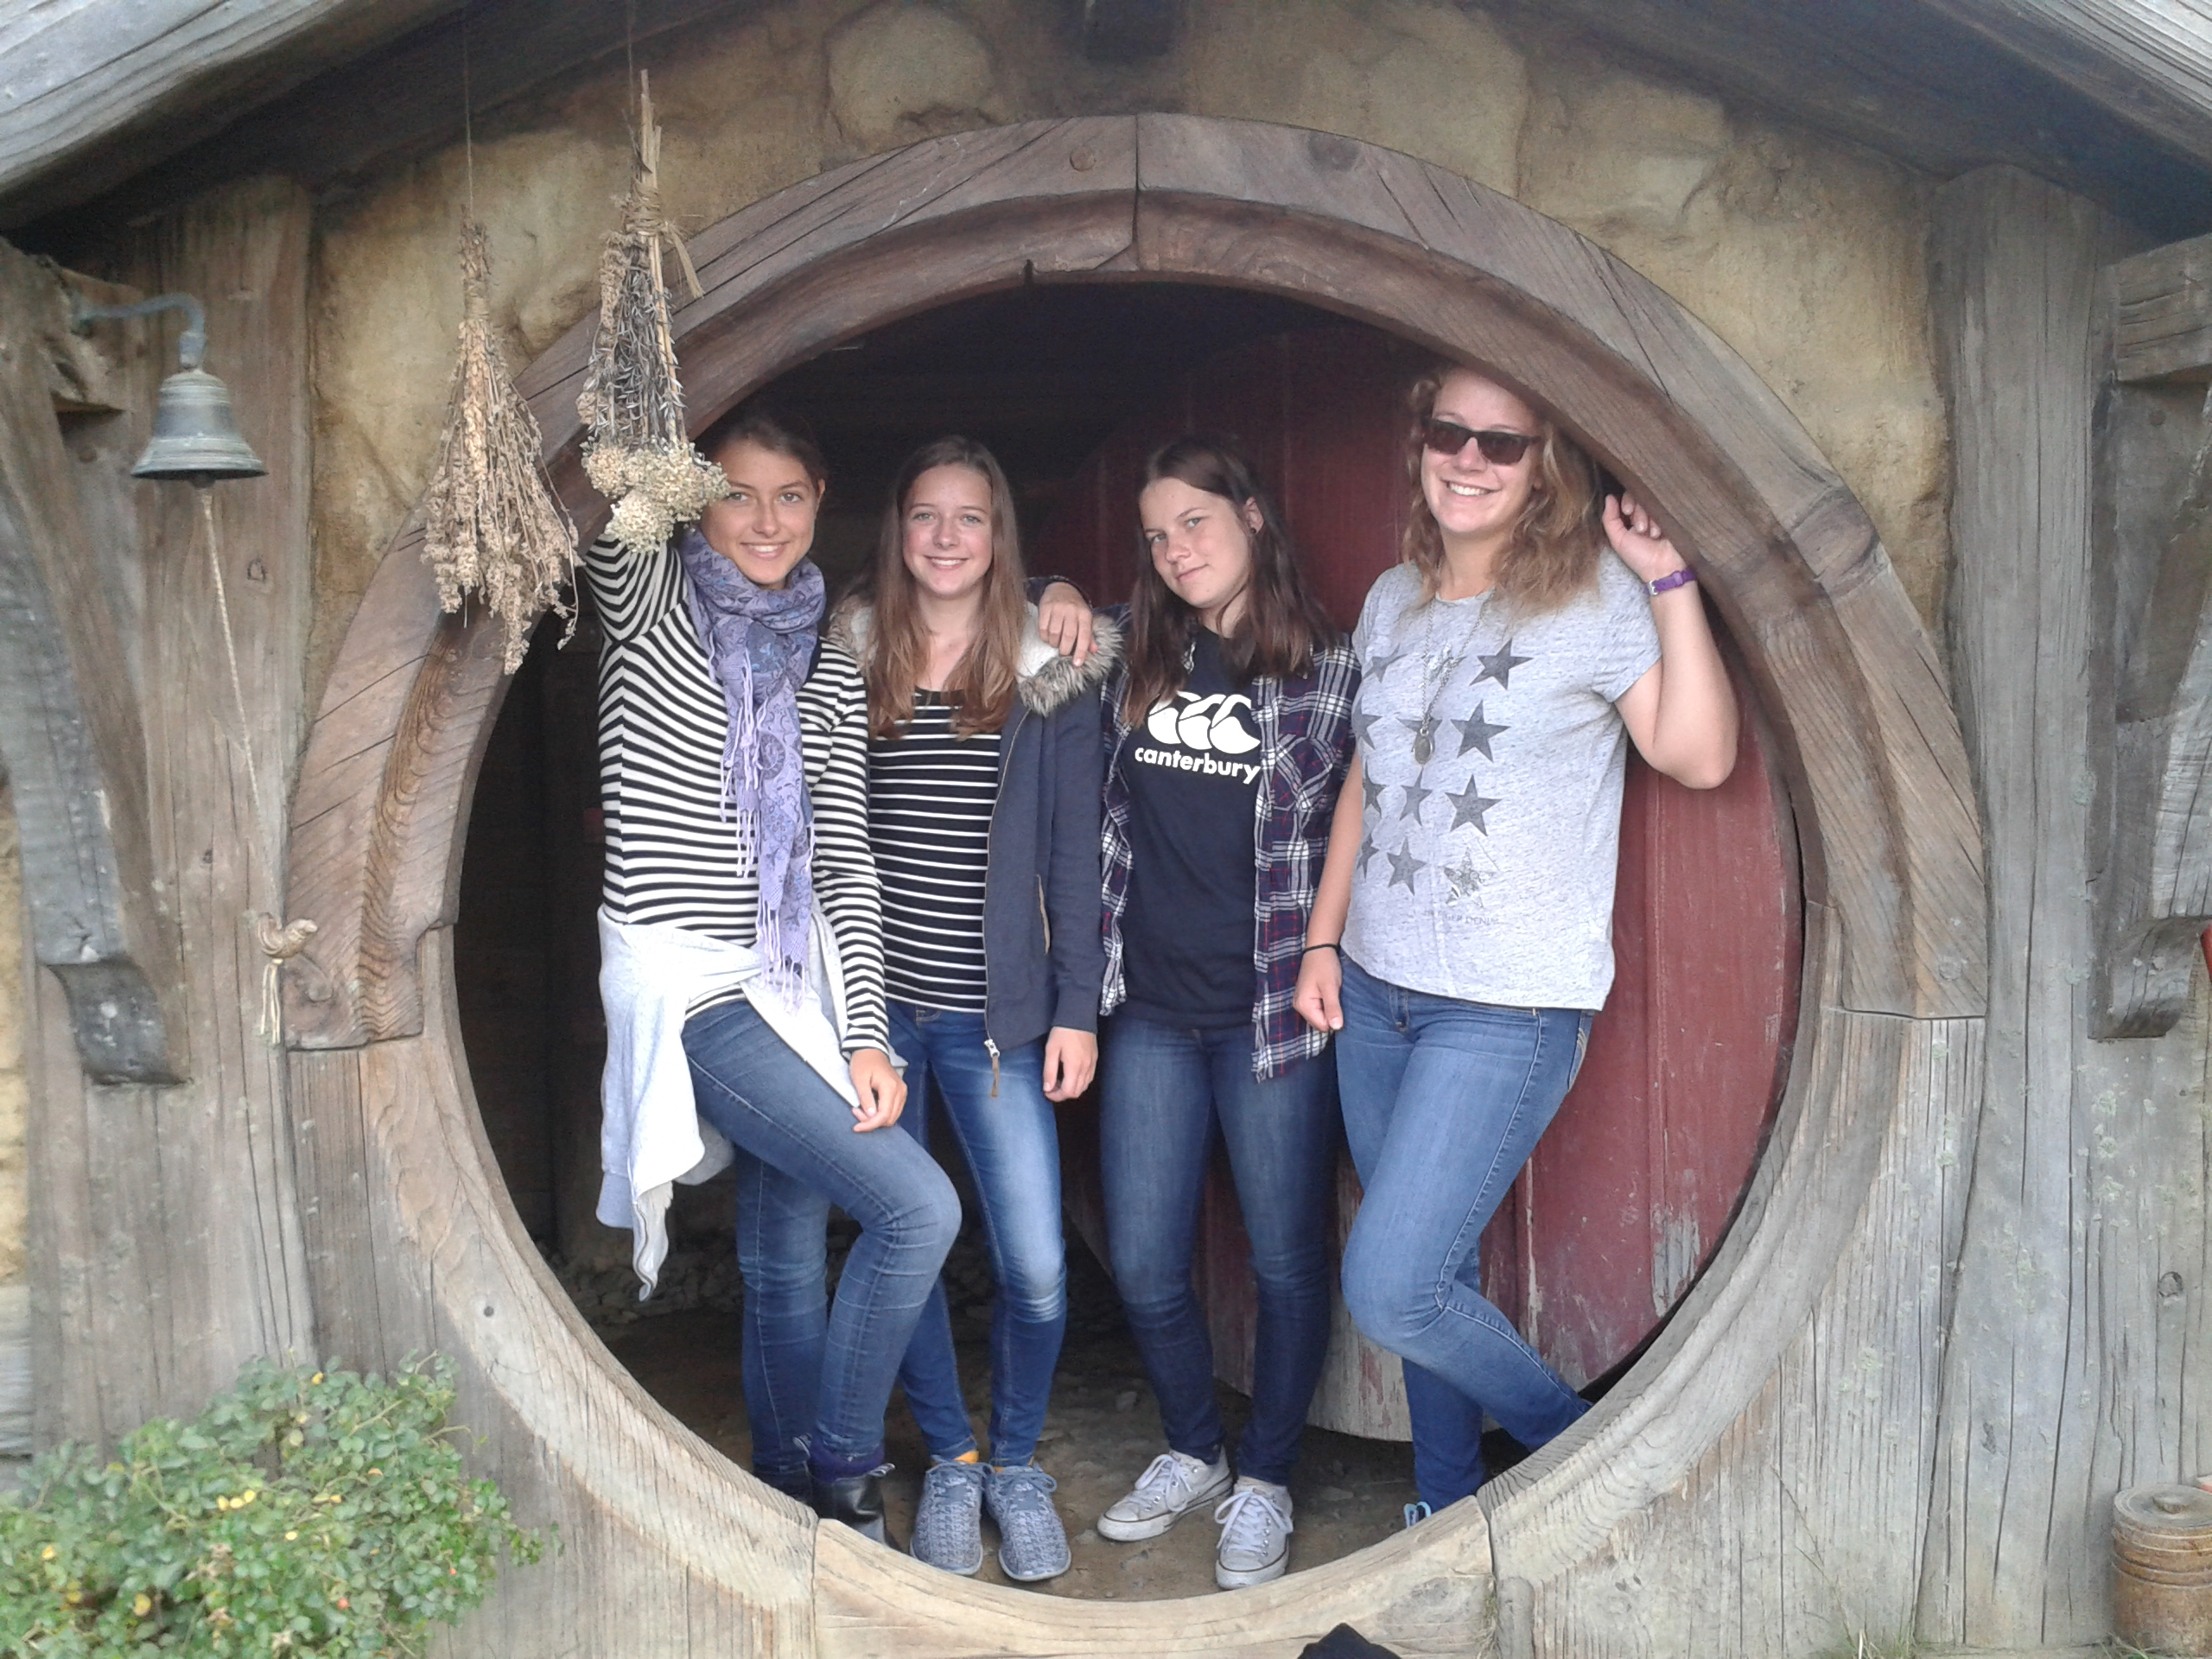 German girls in Hobbiton House